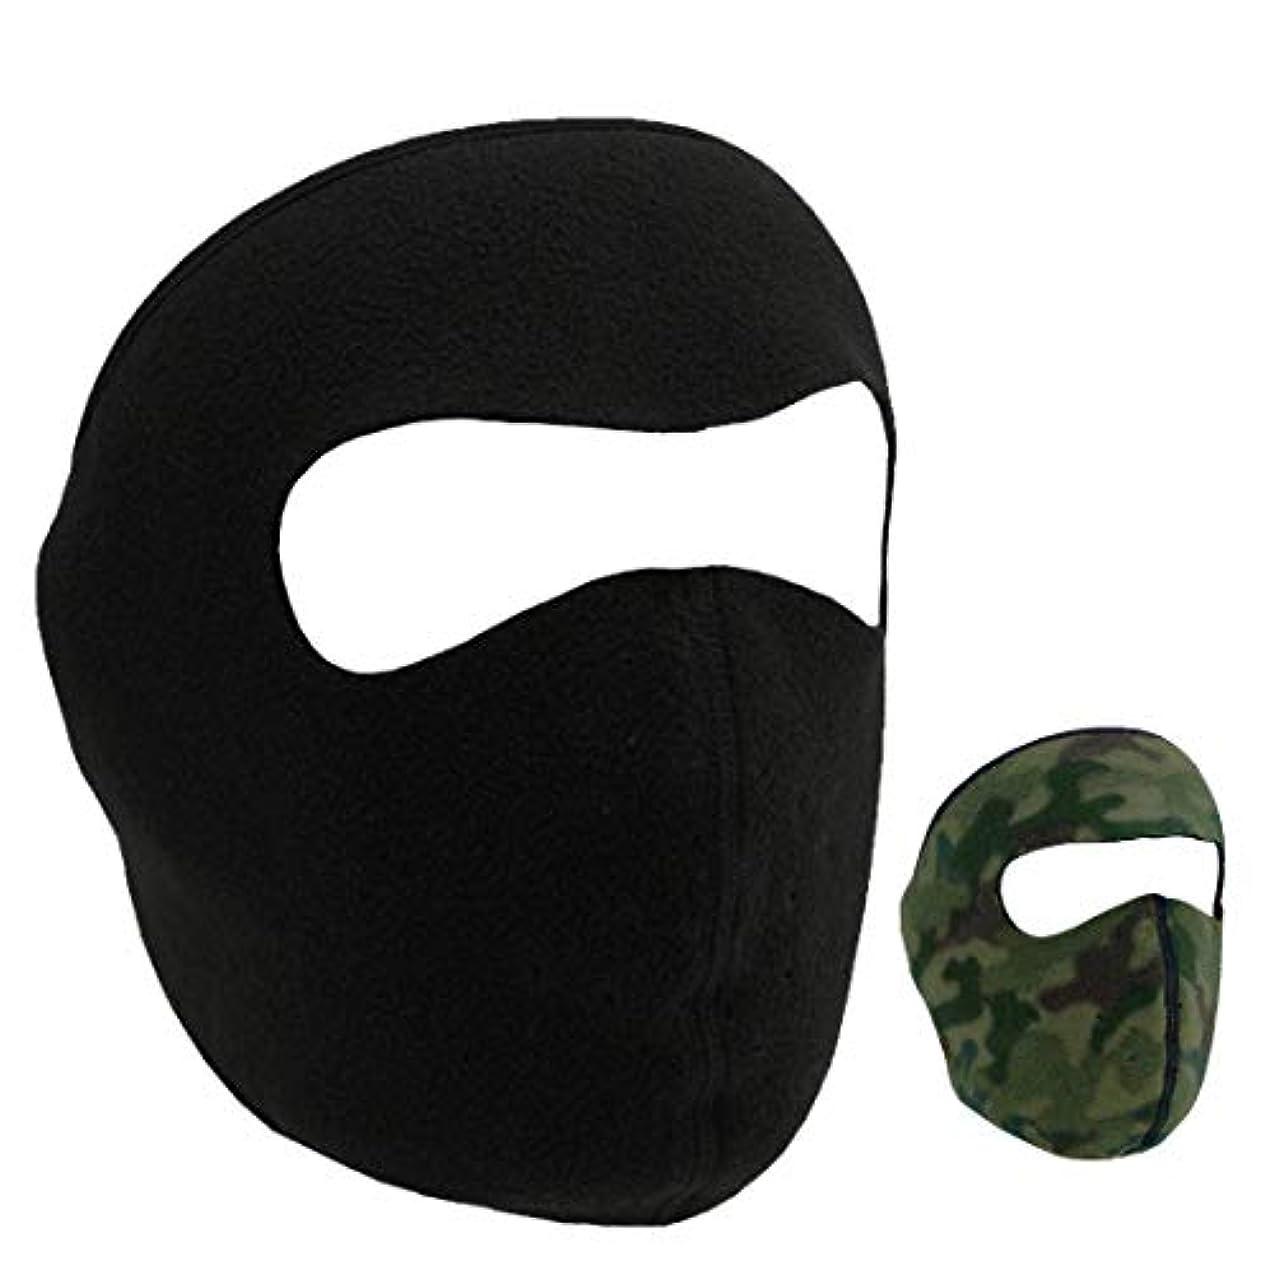 愛人舌な倫理Airzir プレミアム3D通気性シームレスチューブフェイスマスク 防塵UV保護 Universal ブラック AIR-FM-PP